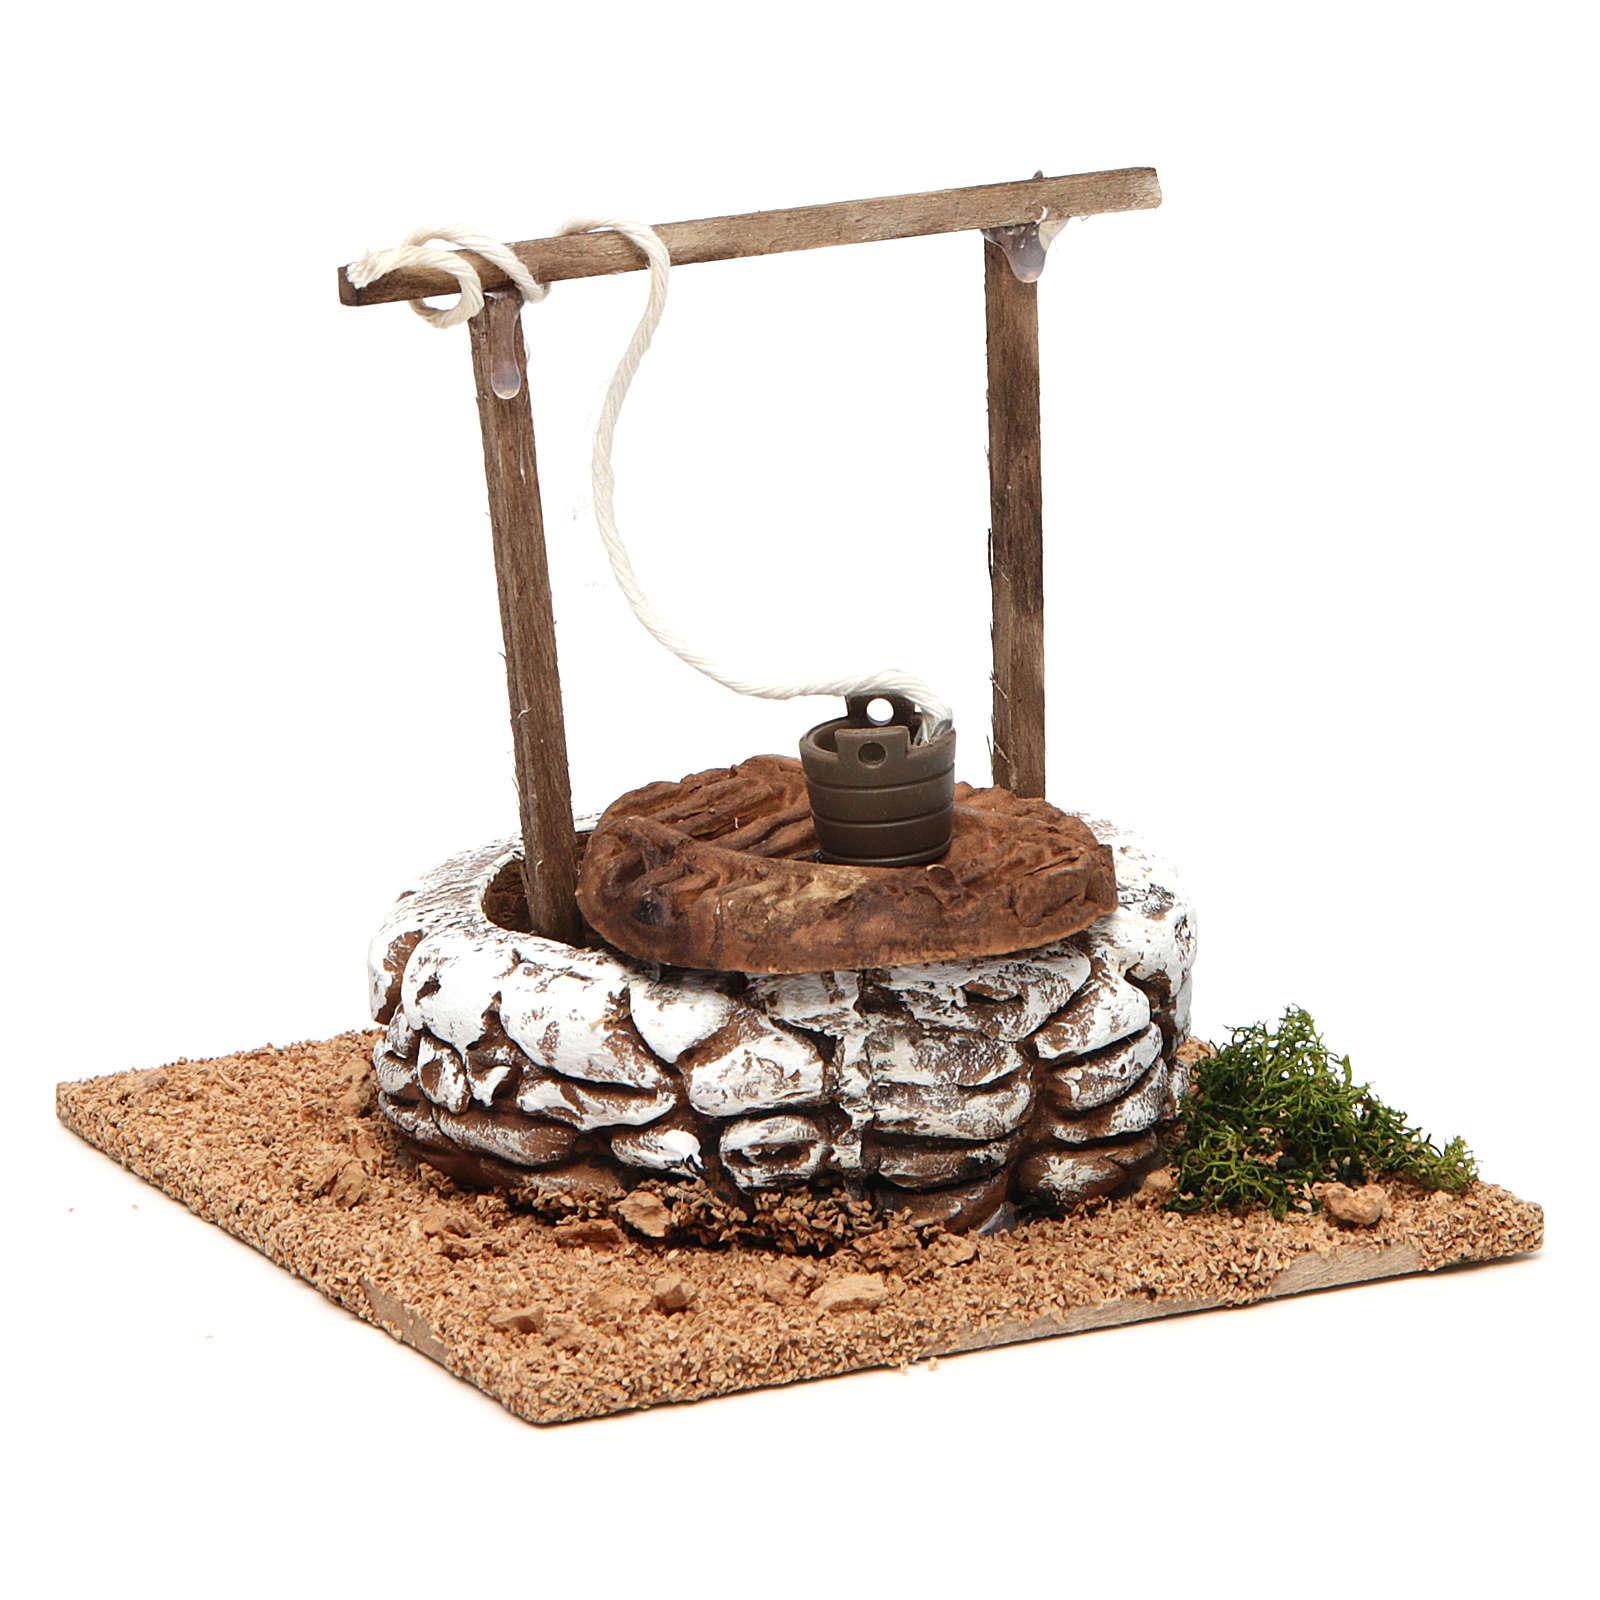 Pozzo terracotta stile arabo 10x12x12 cm 4